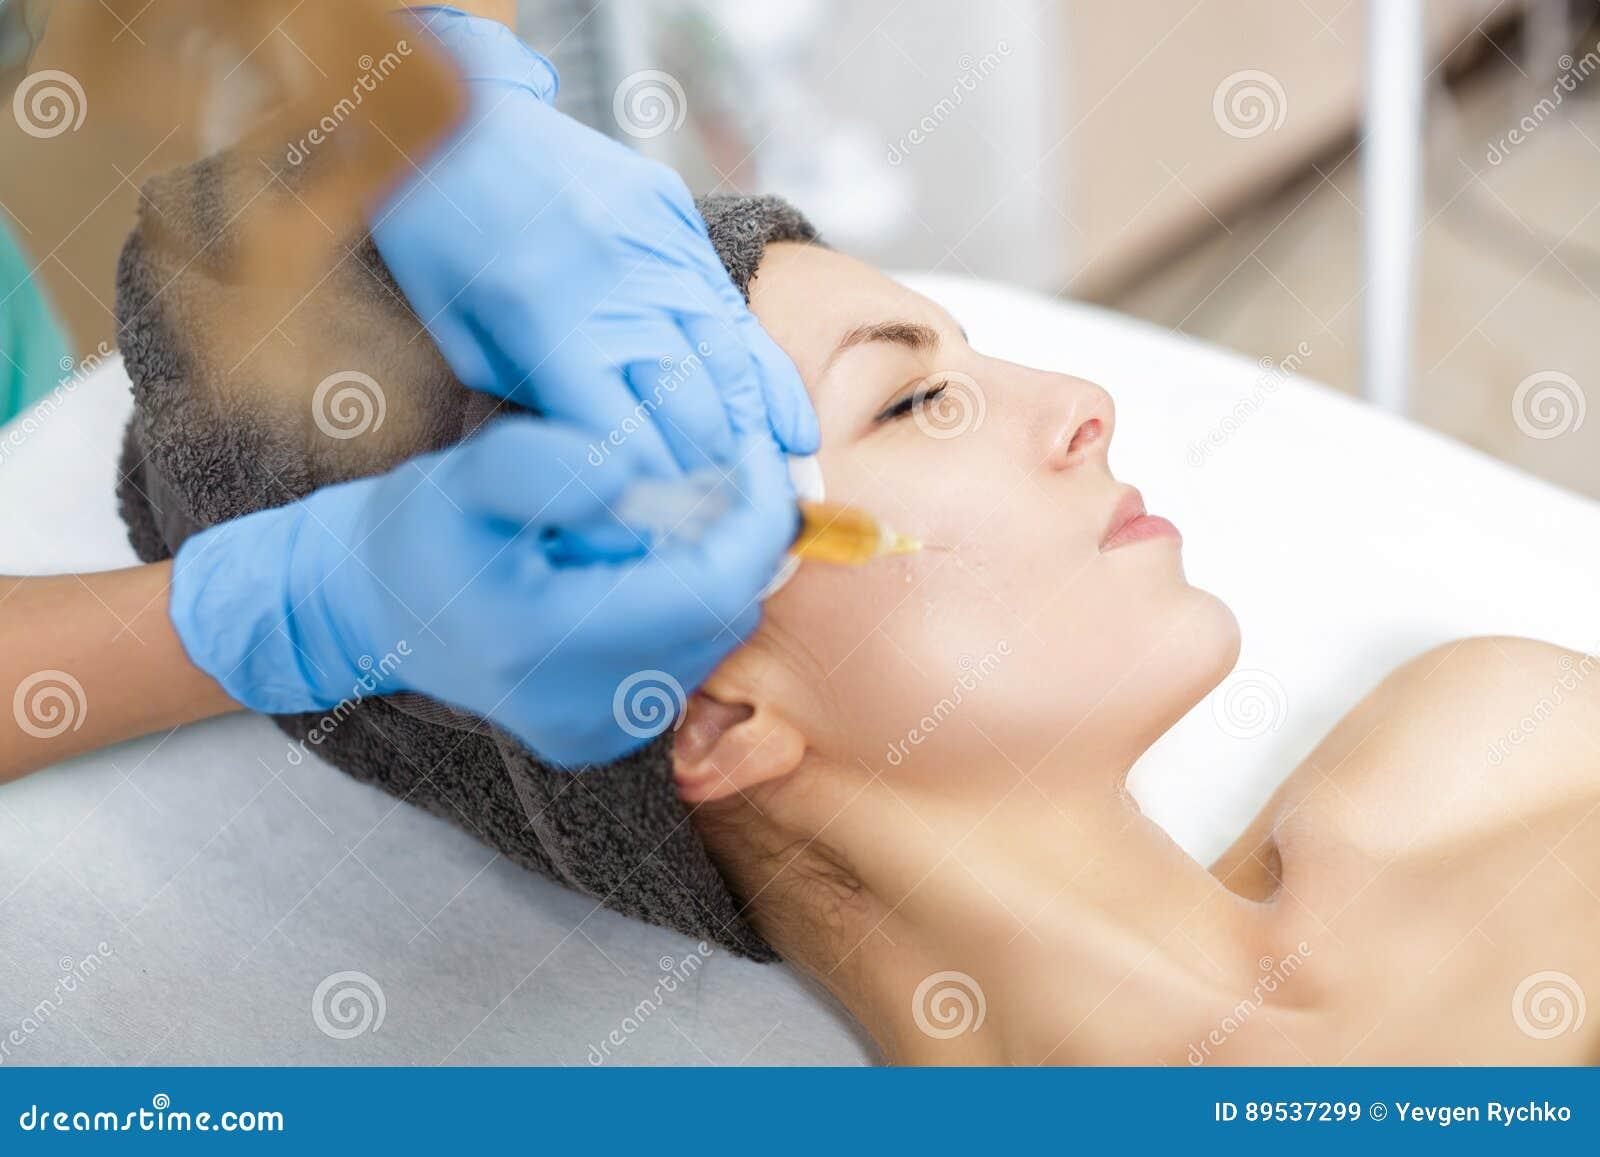 TillvägagångssättPlasmolifting injektion plasmainjektion in i huden av kinder av patienten